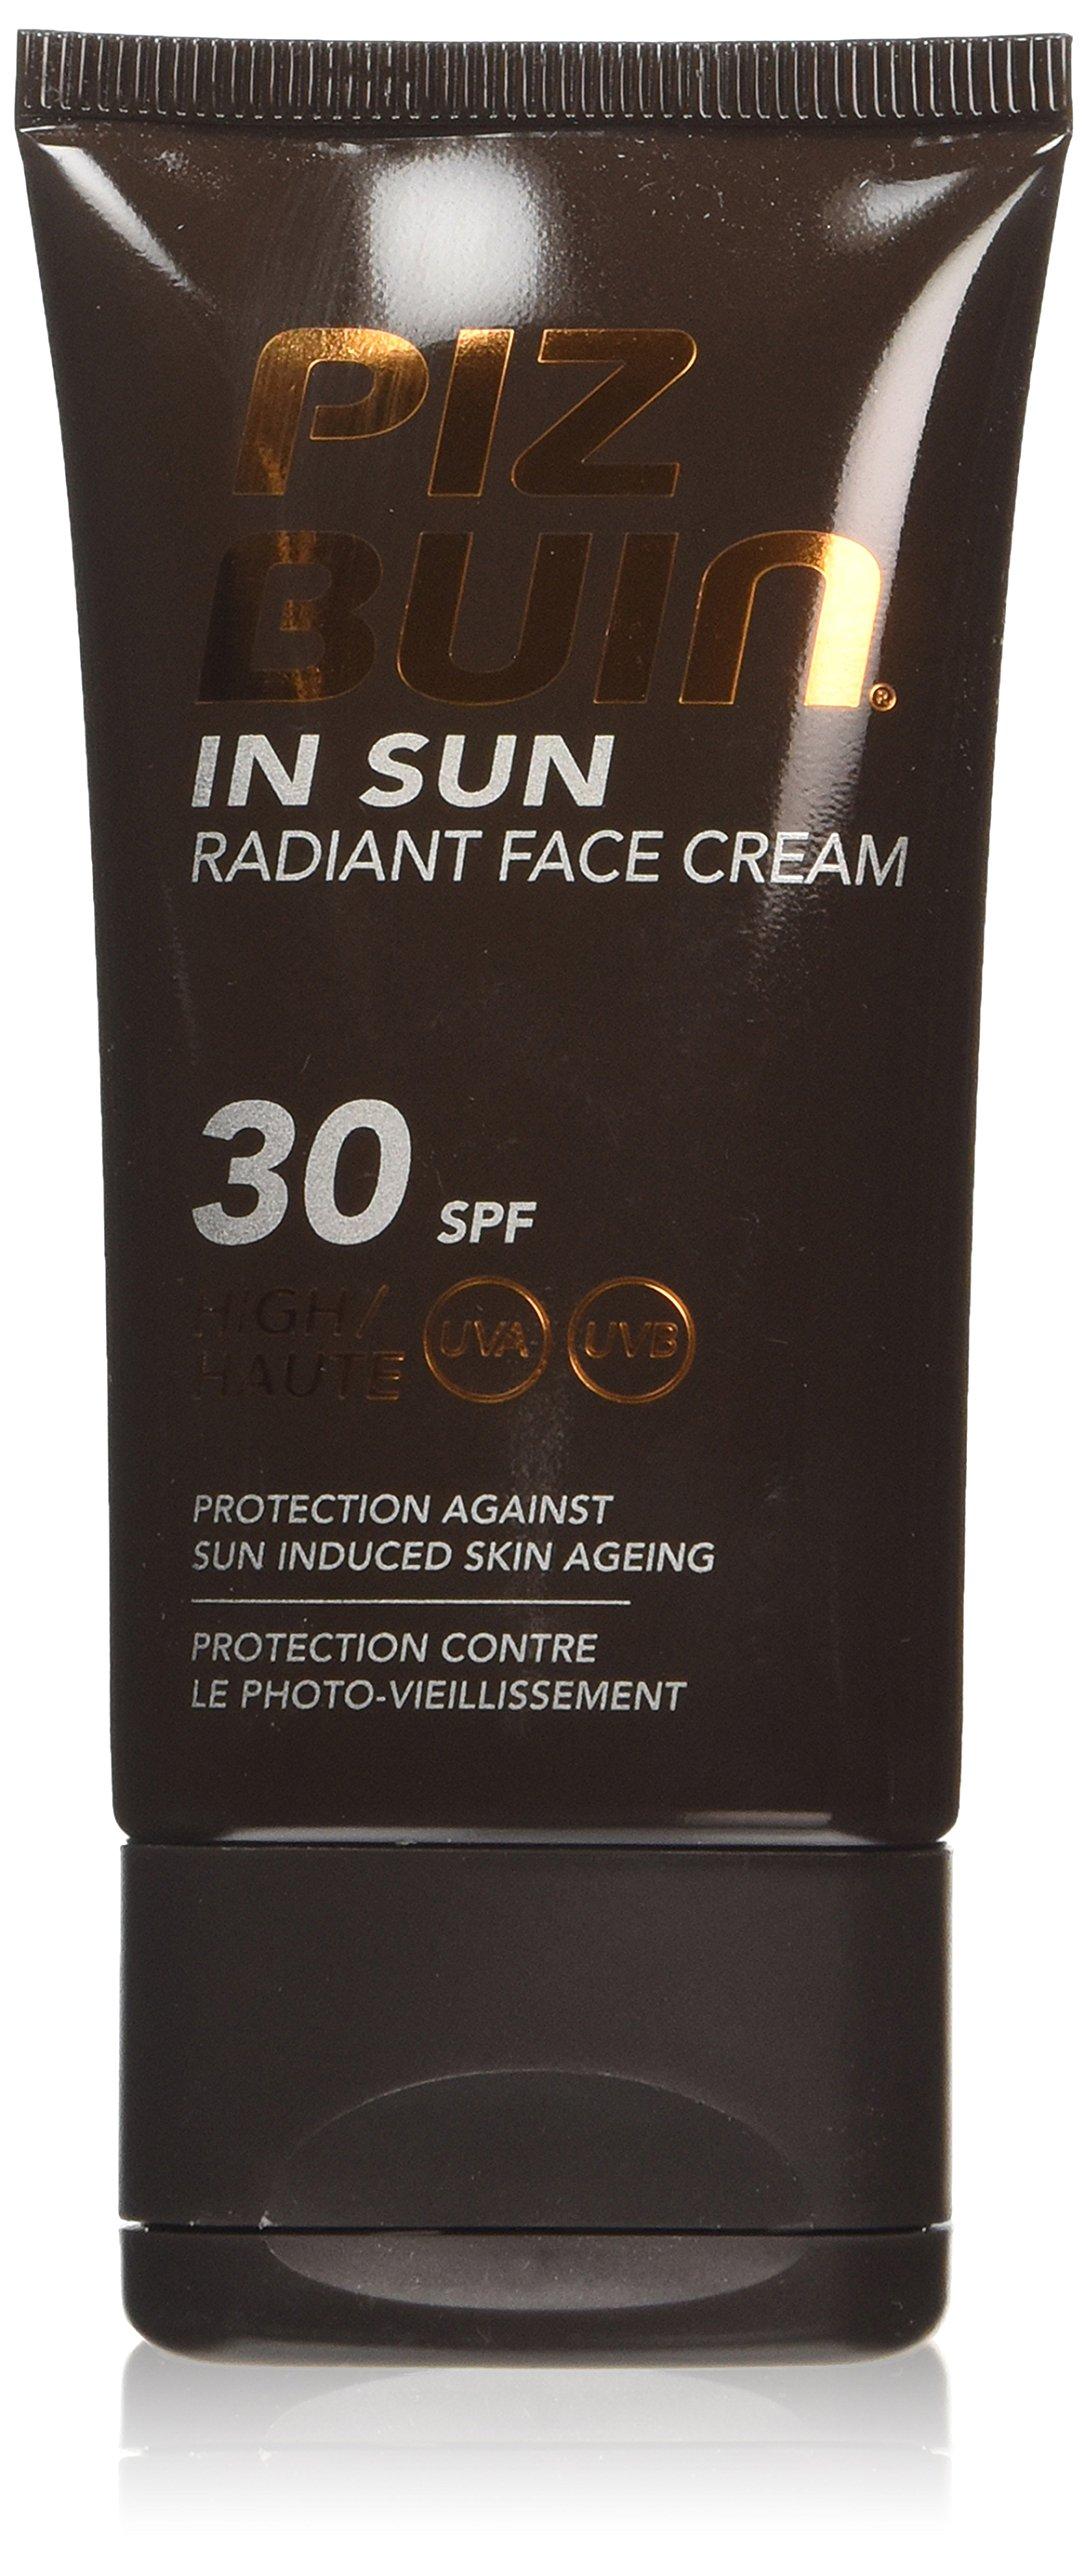 Piz Buin In Sun radiante viso crema SPF 30 40 ml